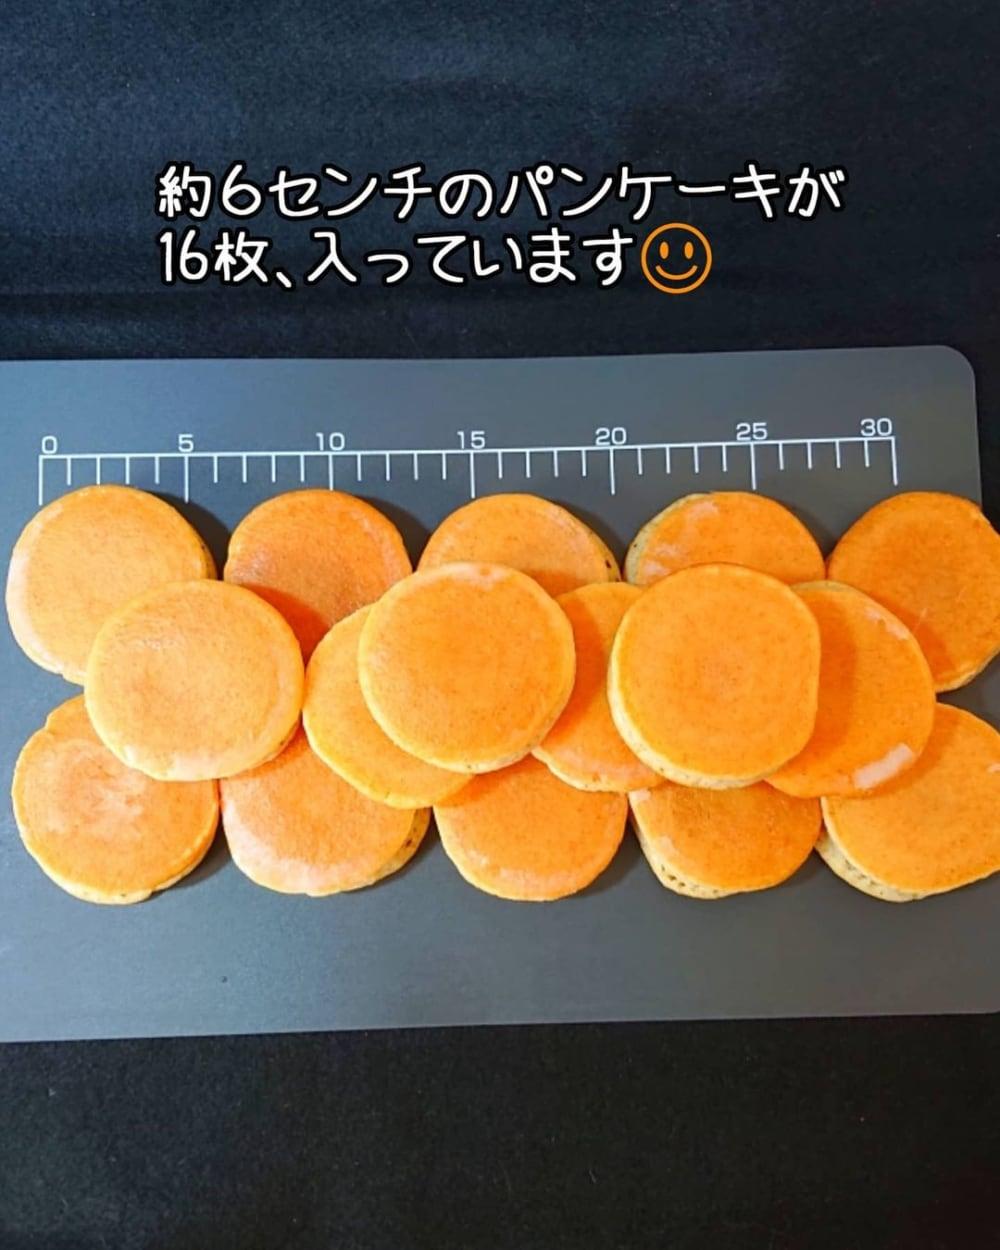 業務スーパーパンケーキ